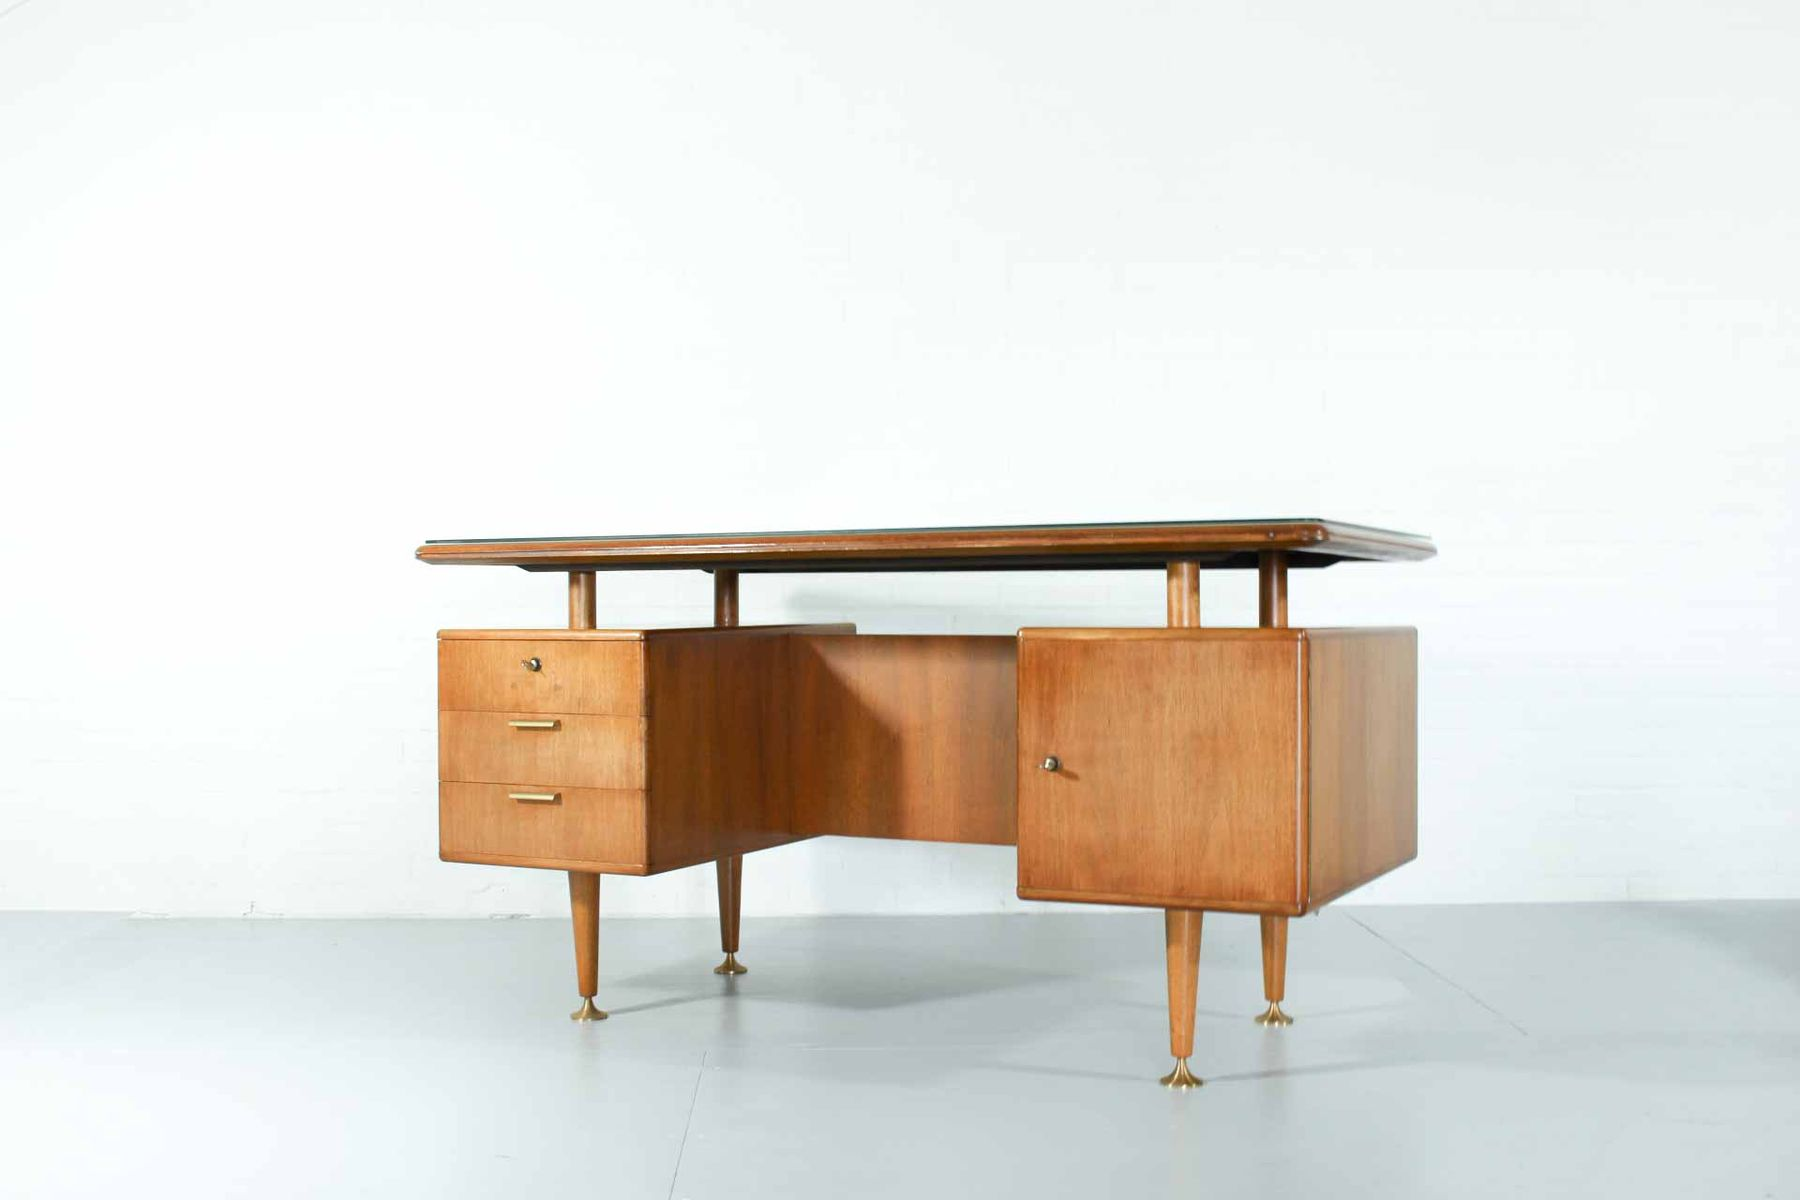 niederl ndischer nussholz poly z schreibtisch mit stuhl. Black Bedroom Furniture Sets. Home Design Ideas